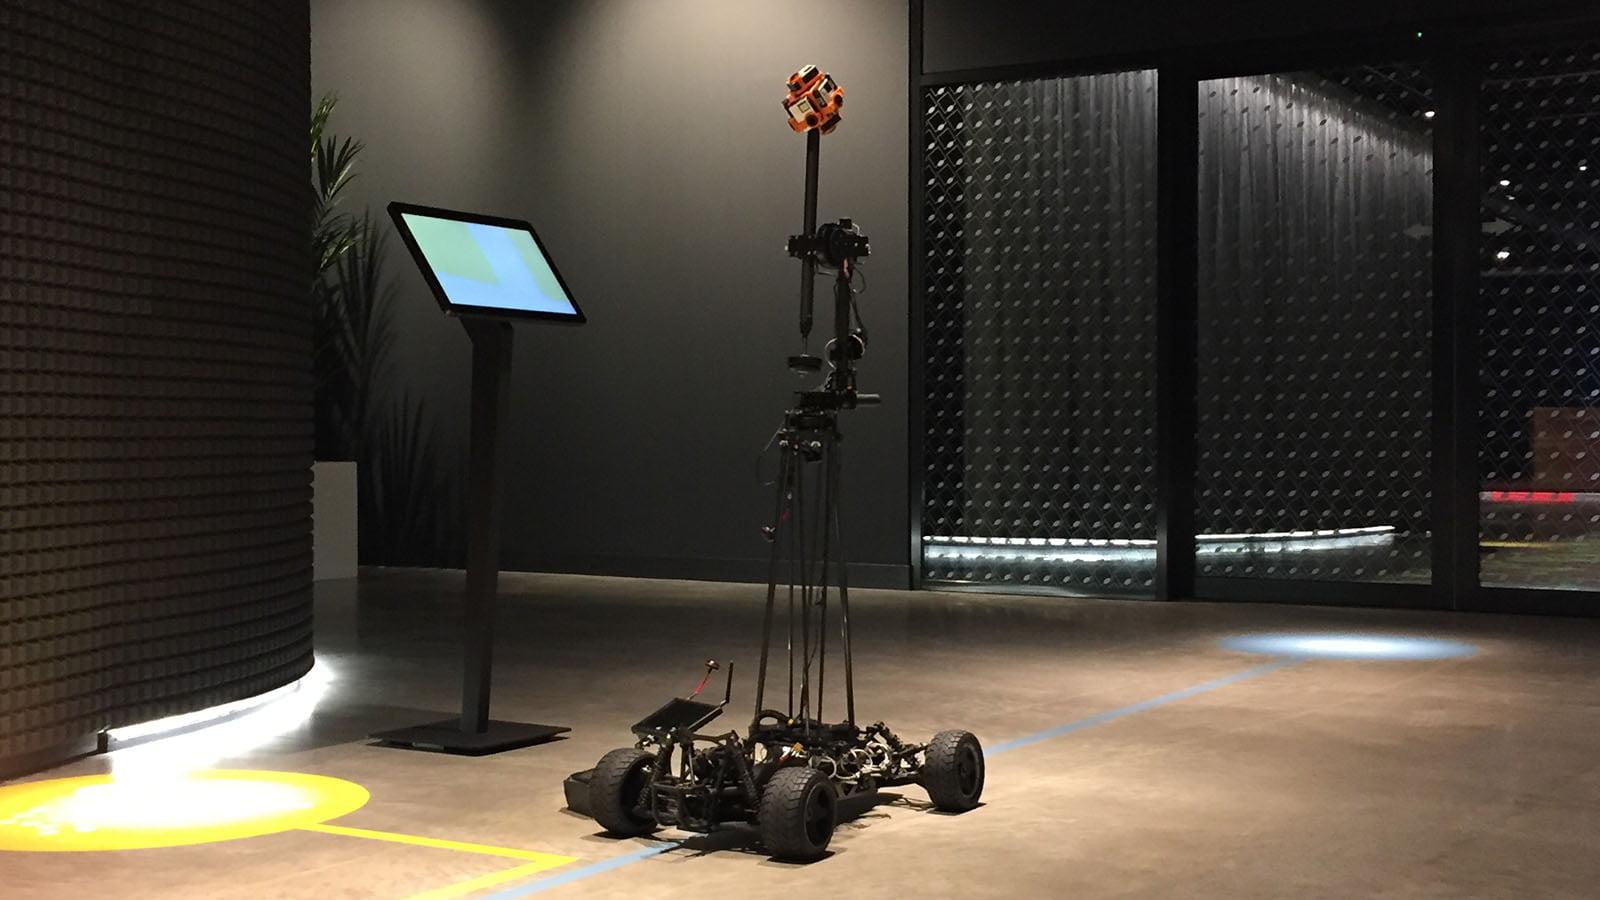 VR car